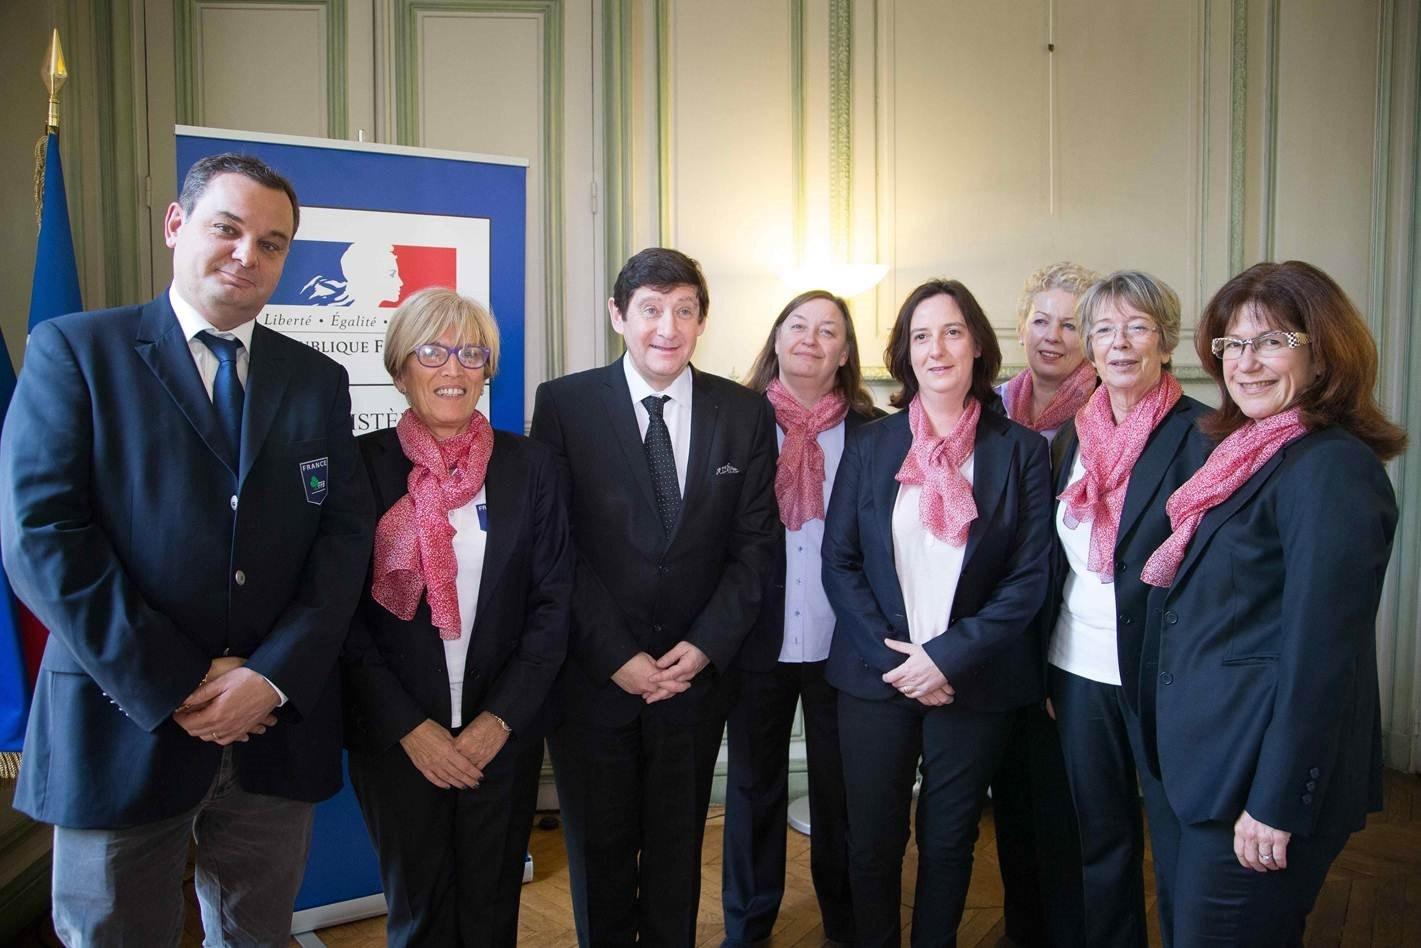 France2016fbk.jpg